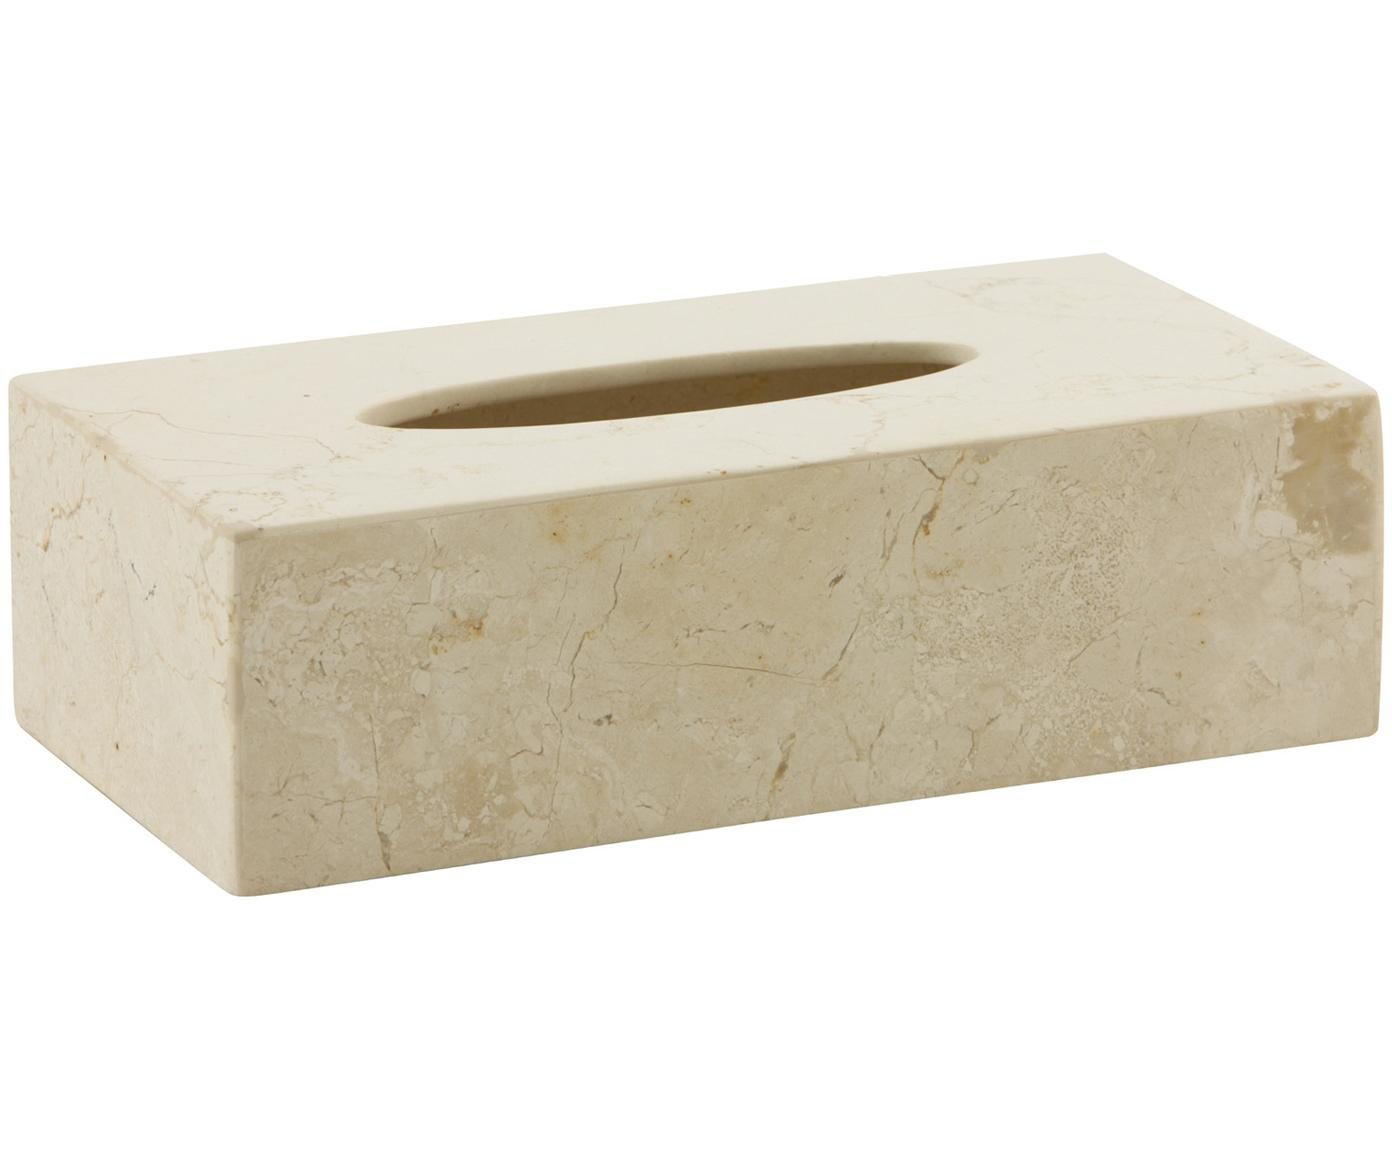 Caja de pañuelos de mármol Luxor, Mármol, Beige, An 26 x Al 8 cm